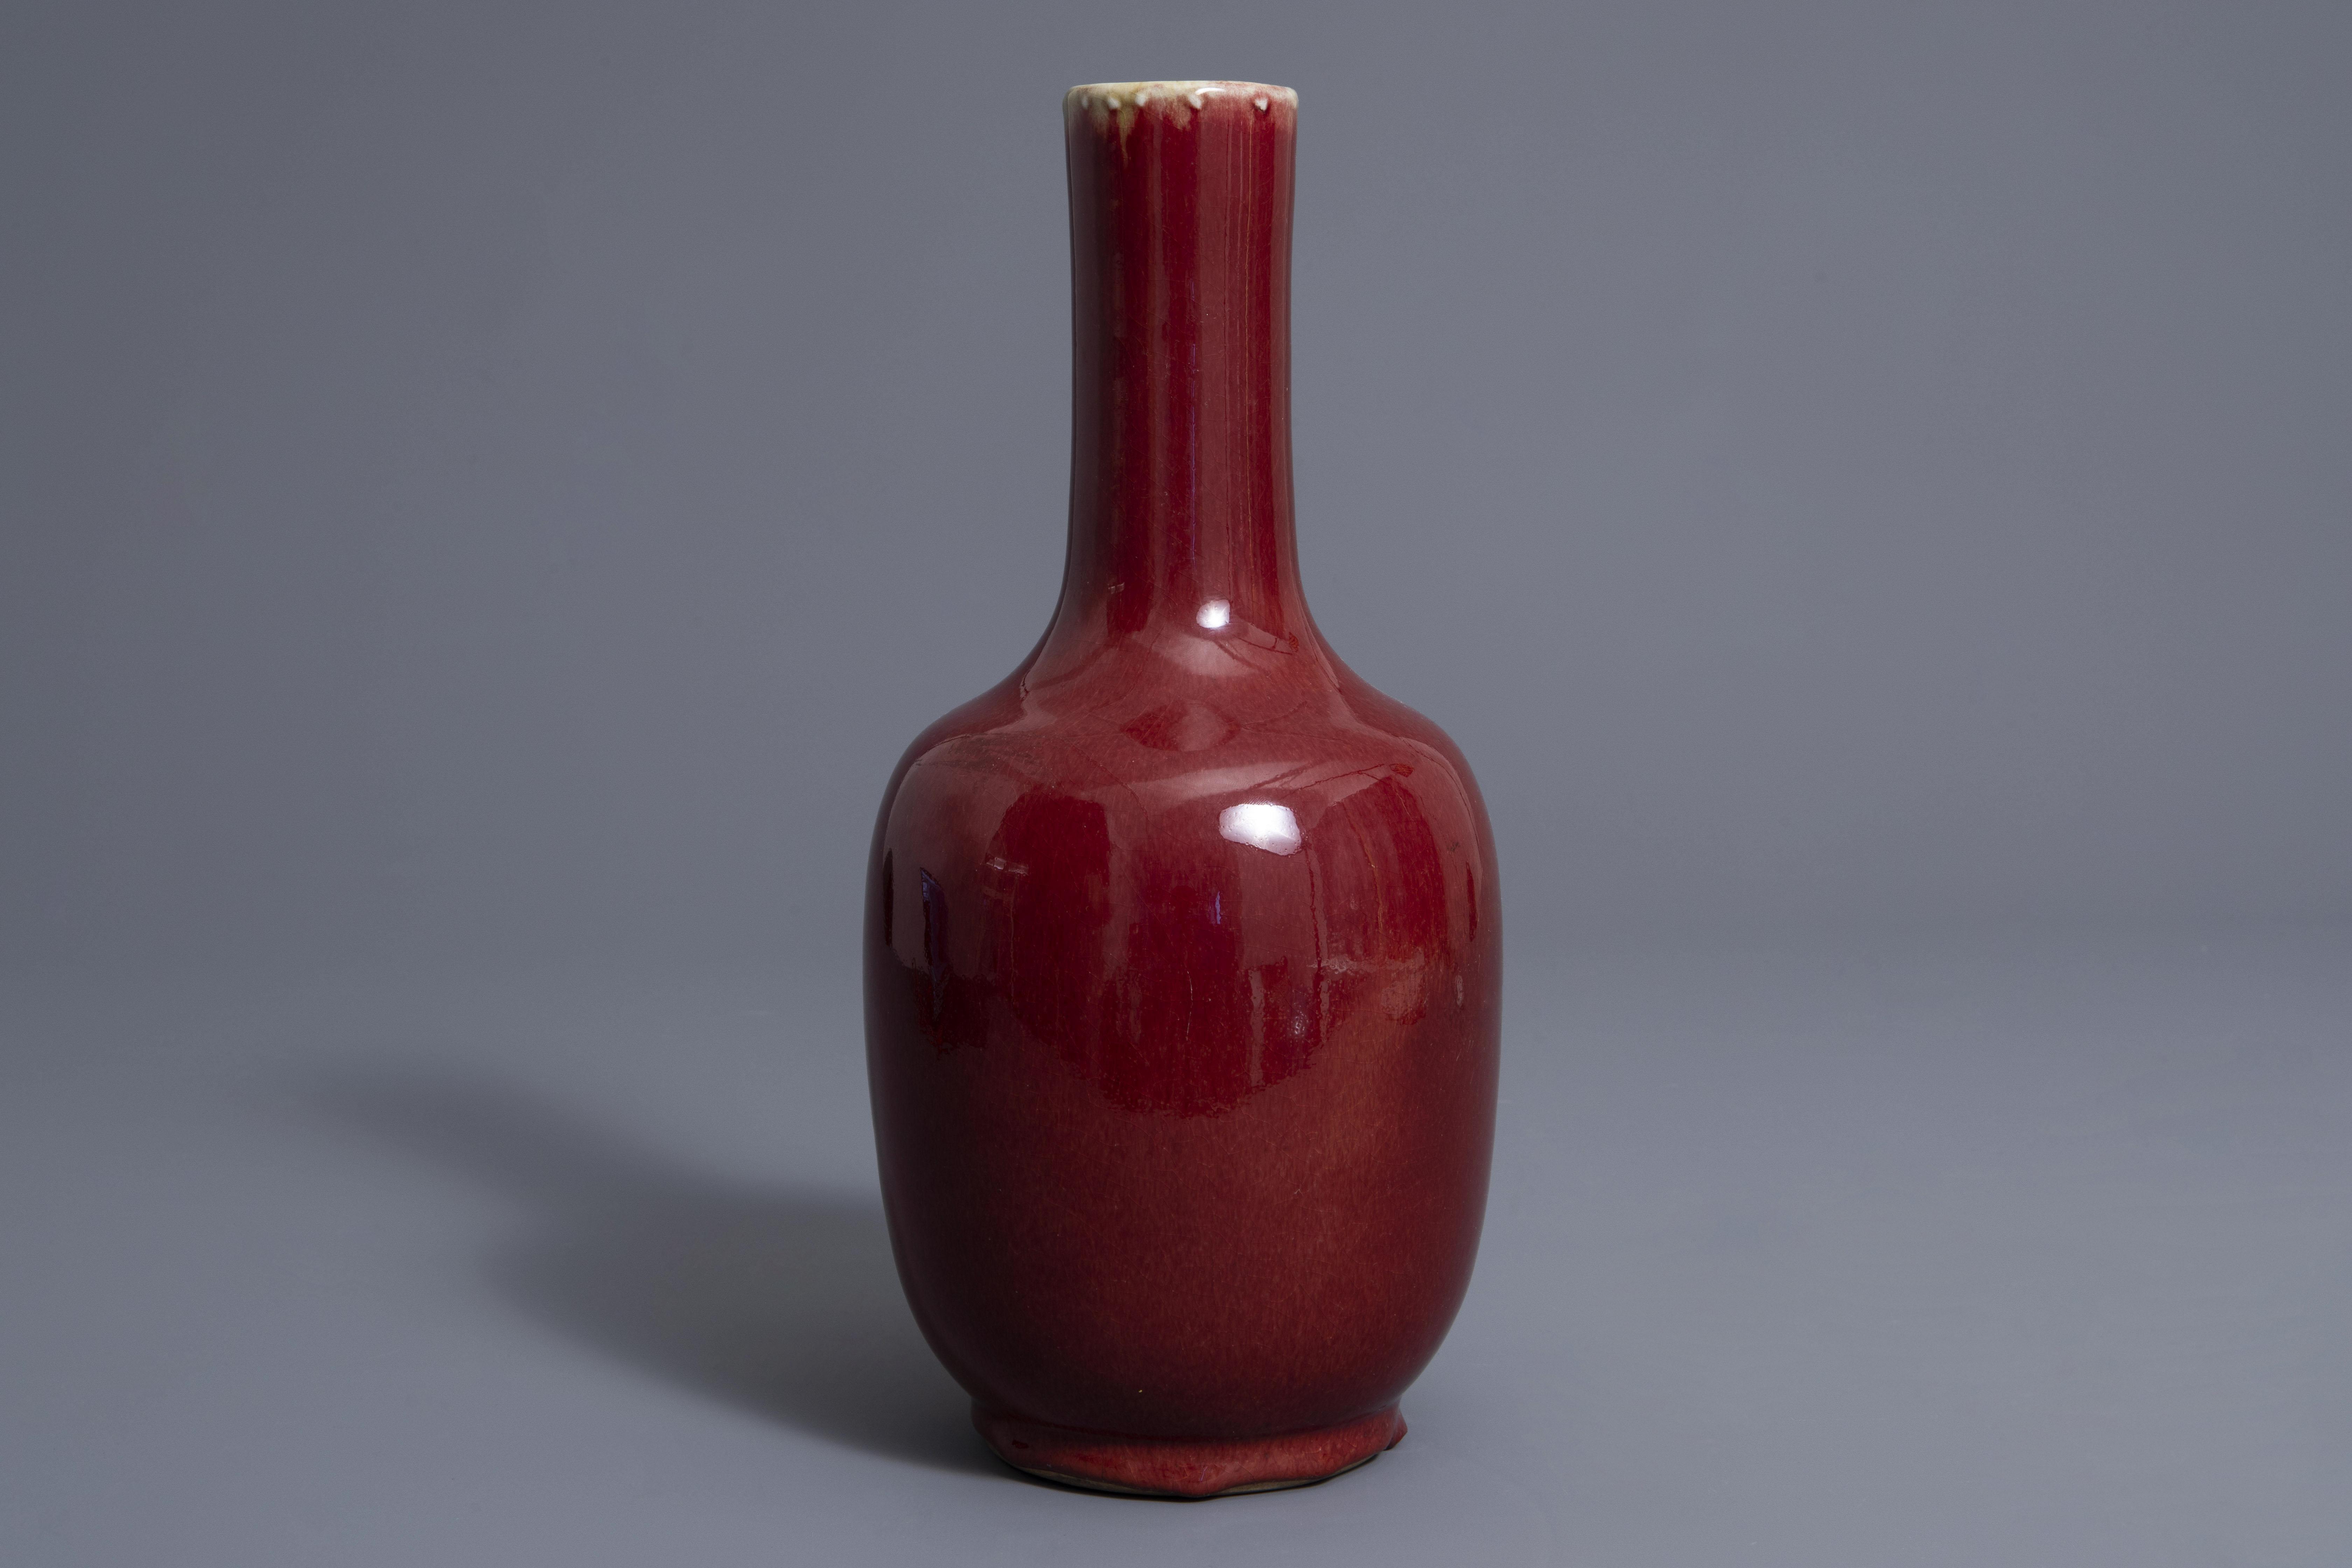 A Chinese sang de boeuf glazed bottle vase, Kangxi mark, 19th C. - Image 4 of 7